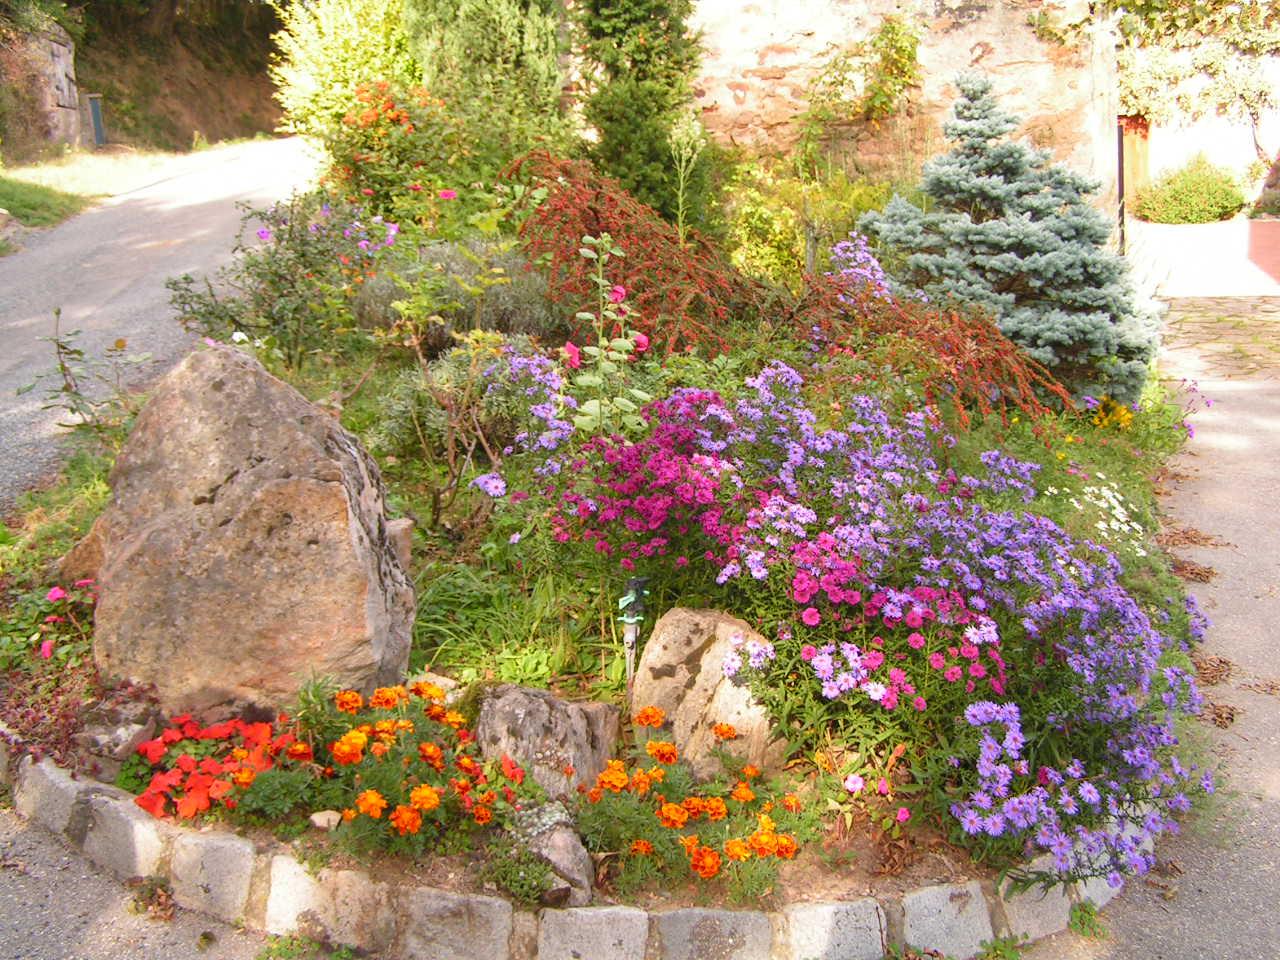 Pin jardin 00jpg on pinterest for Jardin 2000 epernay